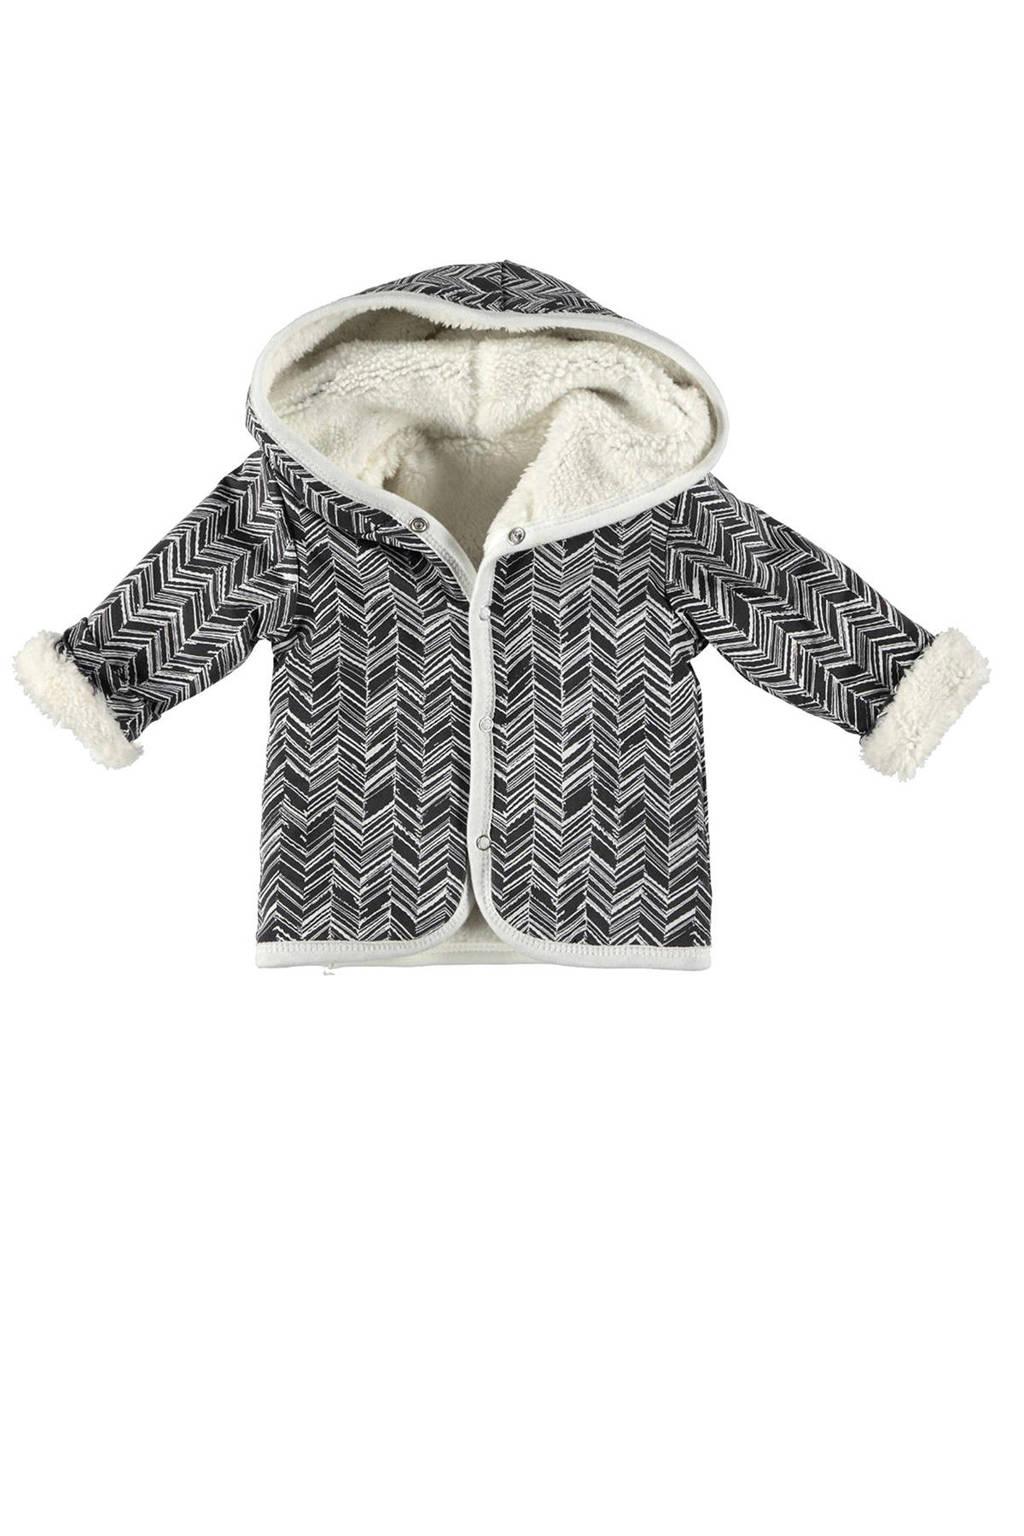 B.E.S.S baby winterjas met all over print zwart/wit, Zwart/wit